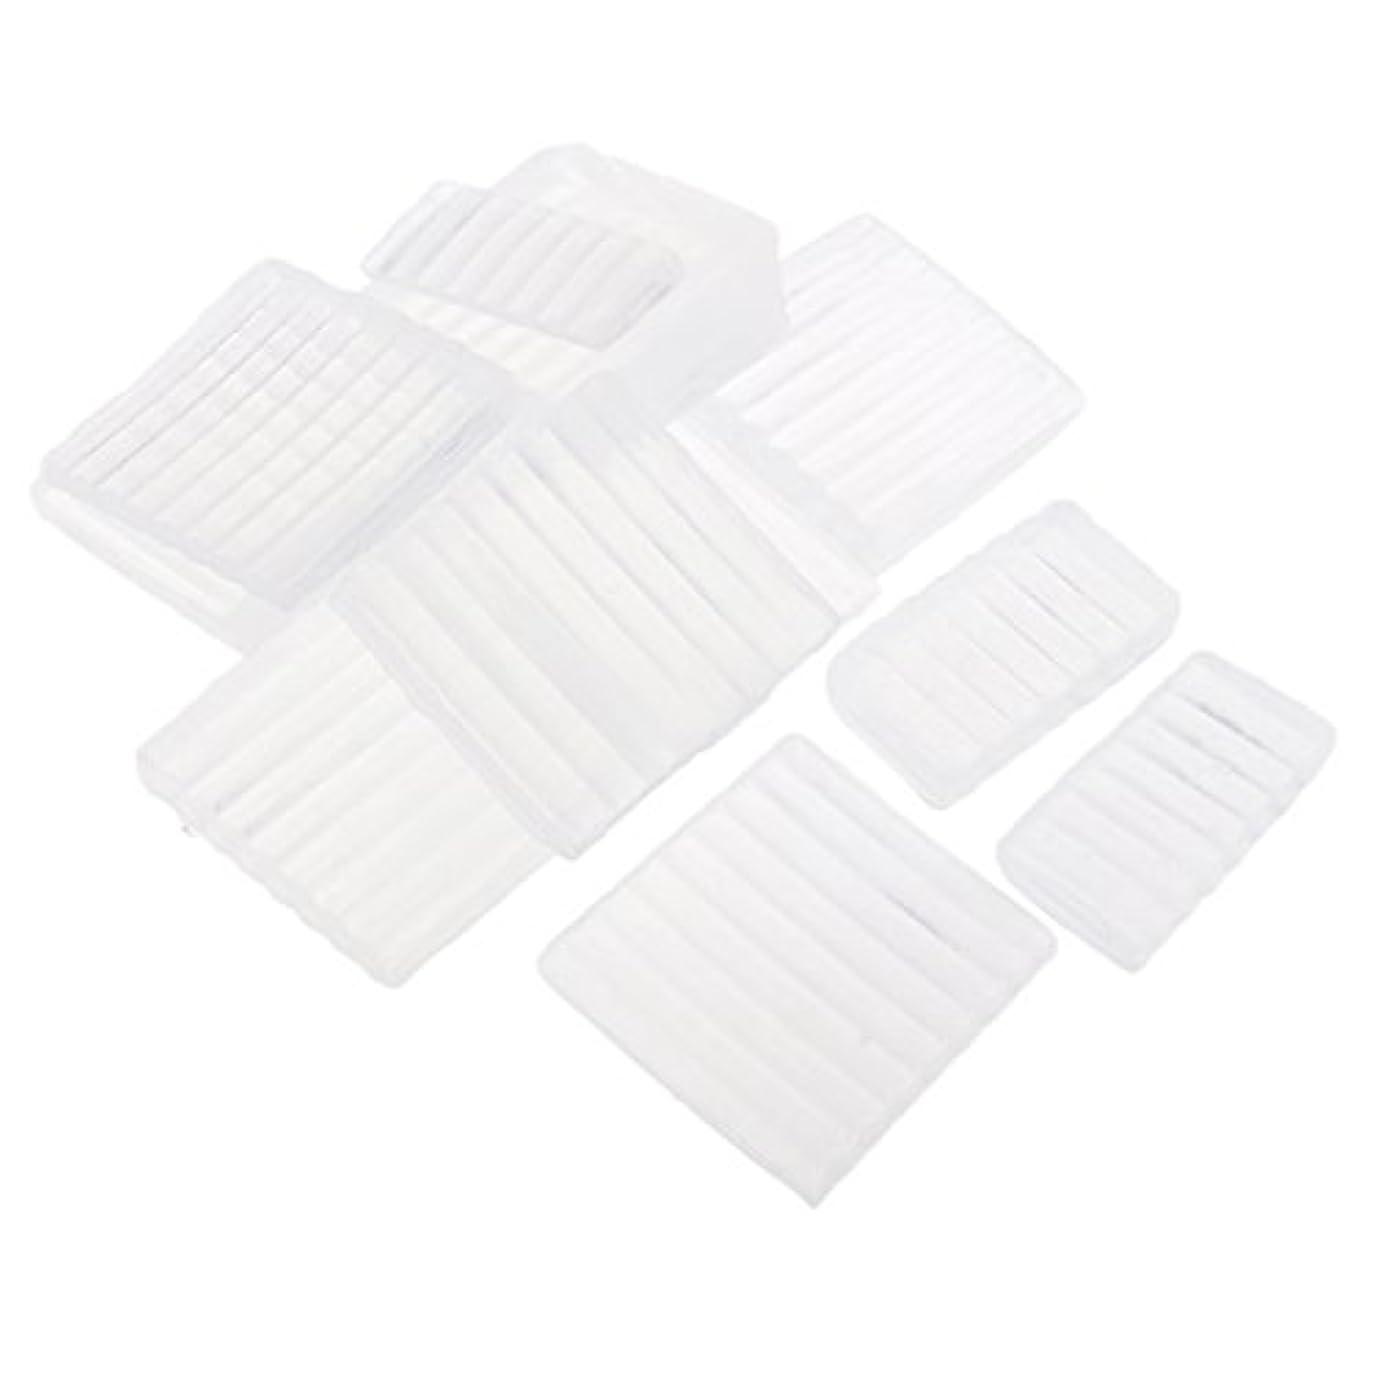 ドラフト絞る積極的にFenteer ホワイト 透明 石鹸ベース DIY 手作り 石鹸 材料 約500g